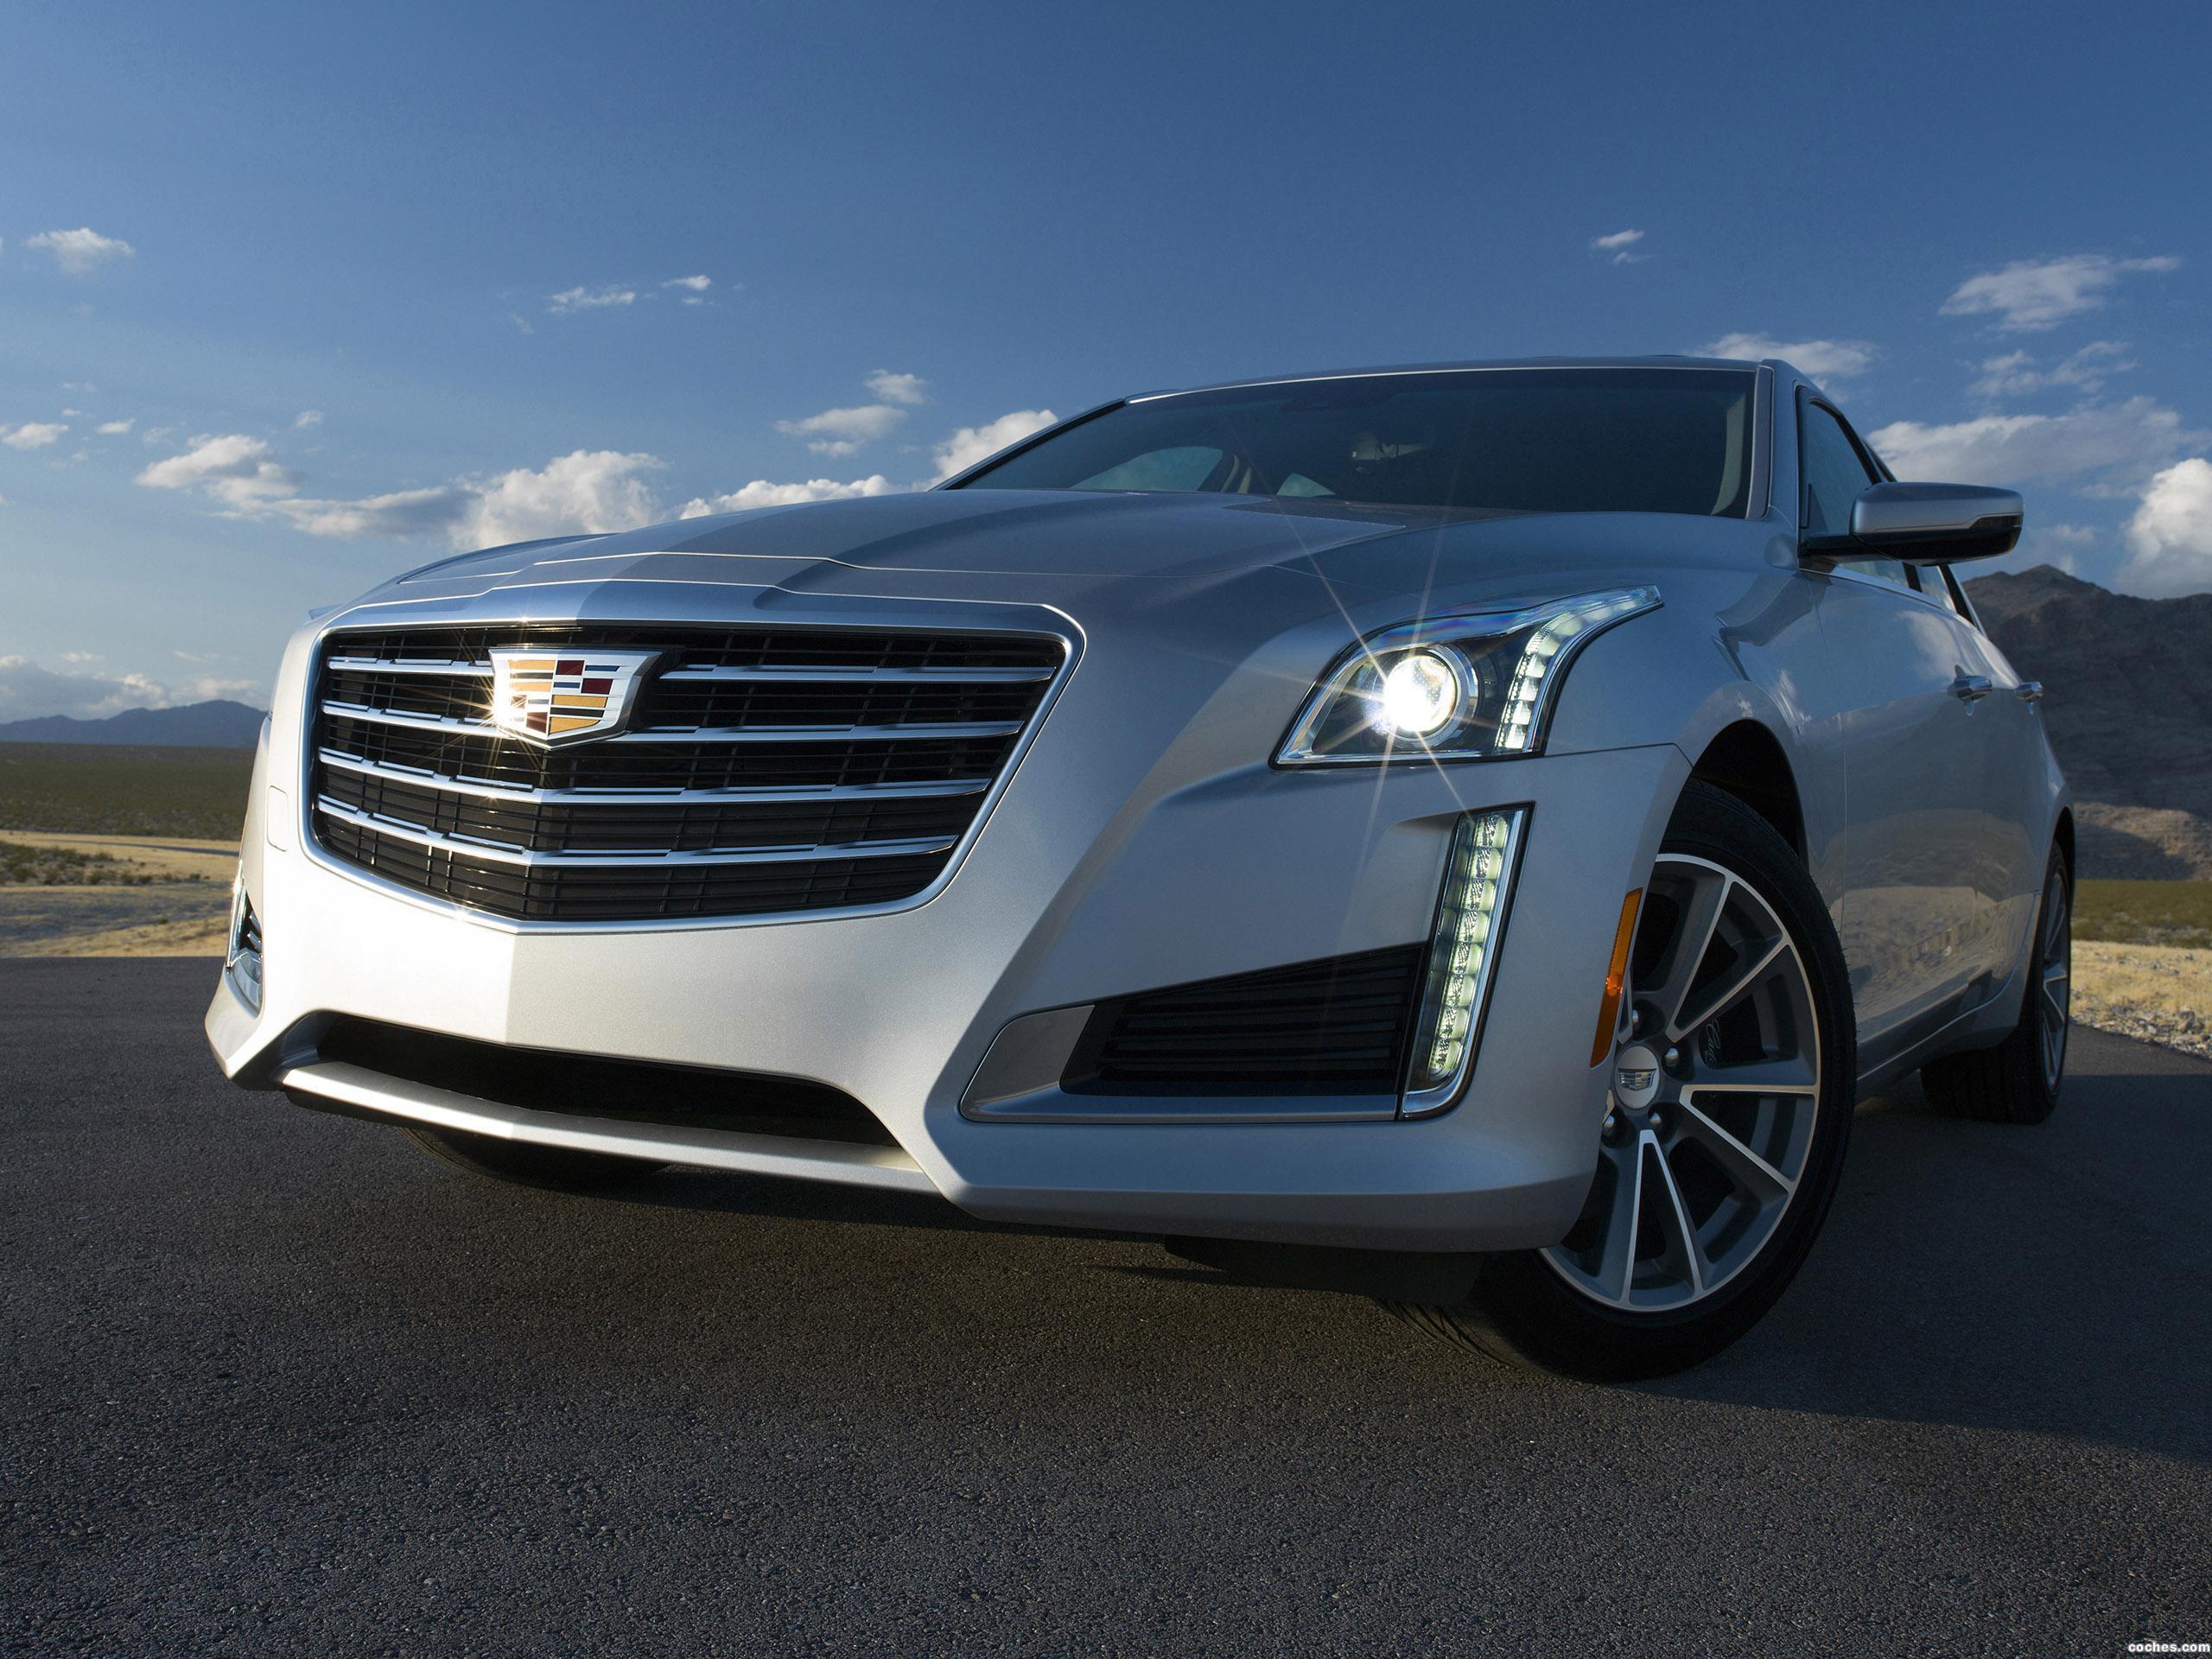 Foto 0 de Cadillac CTS 2016